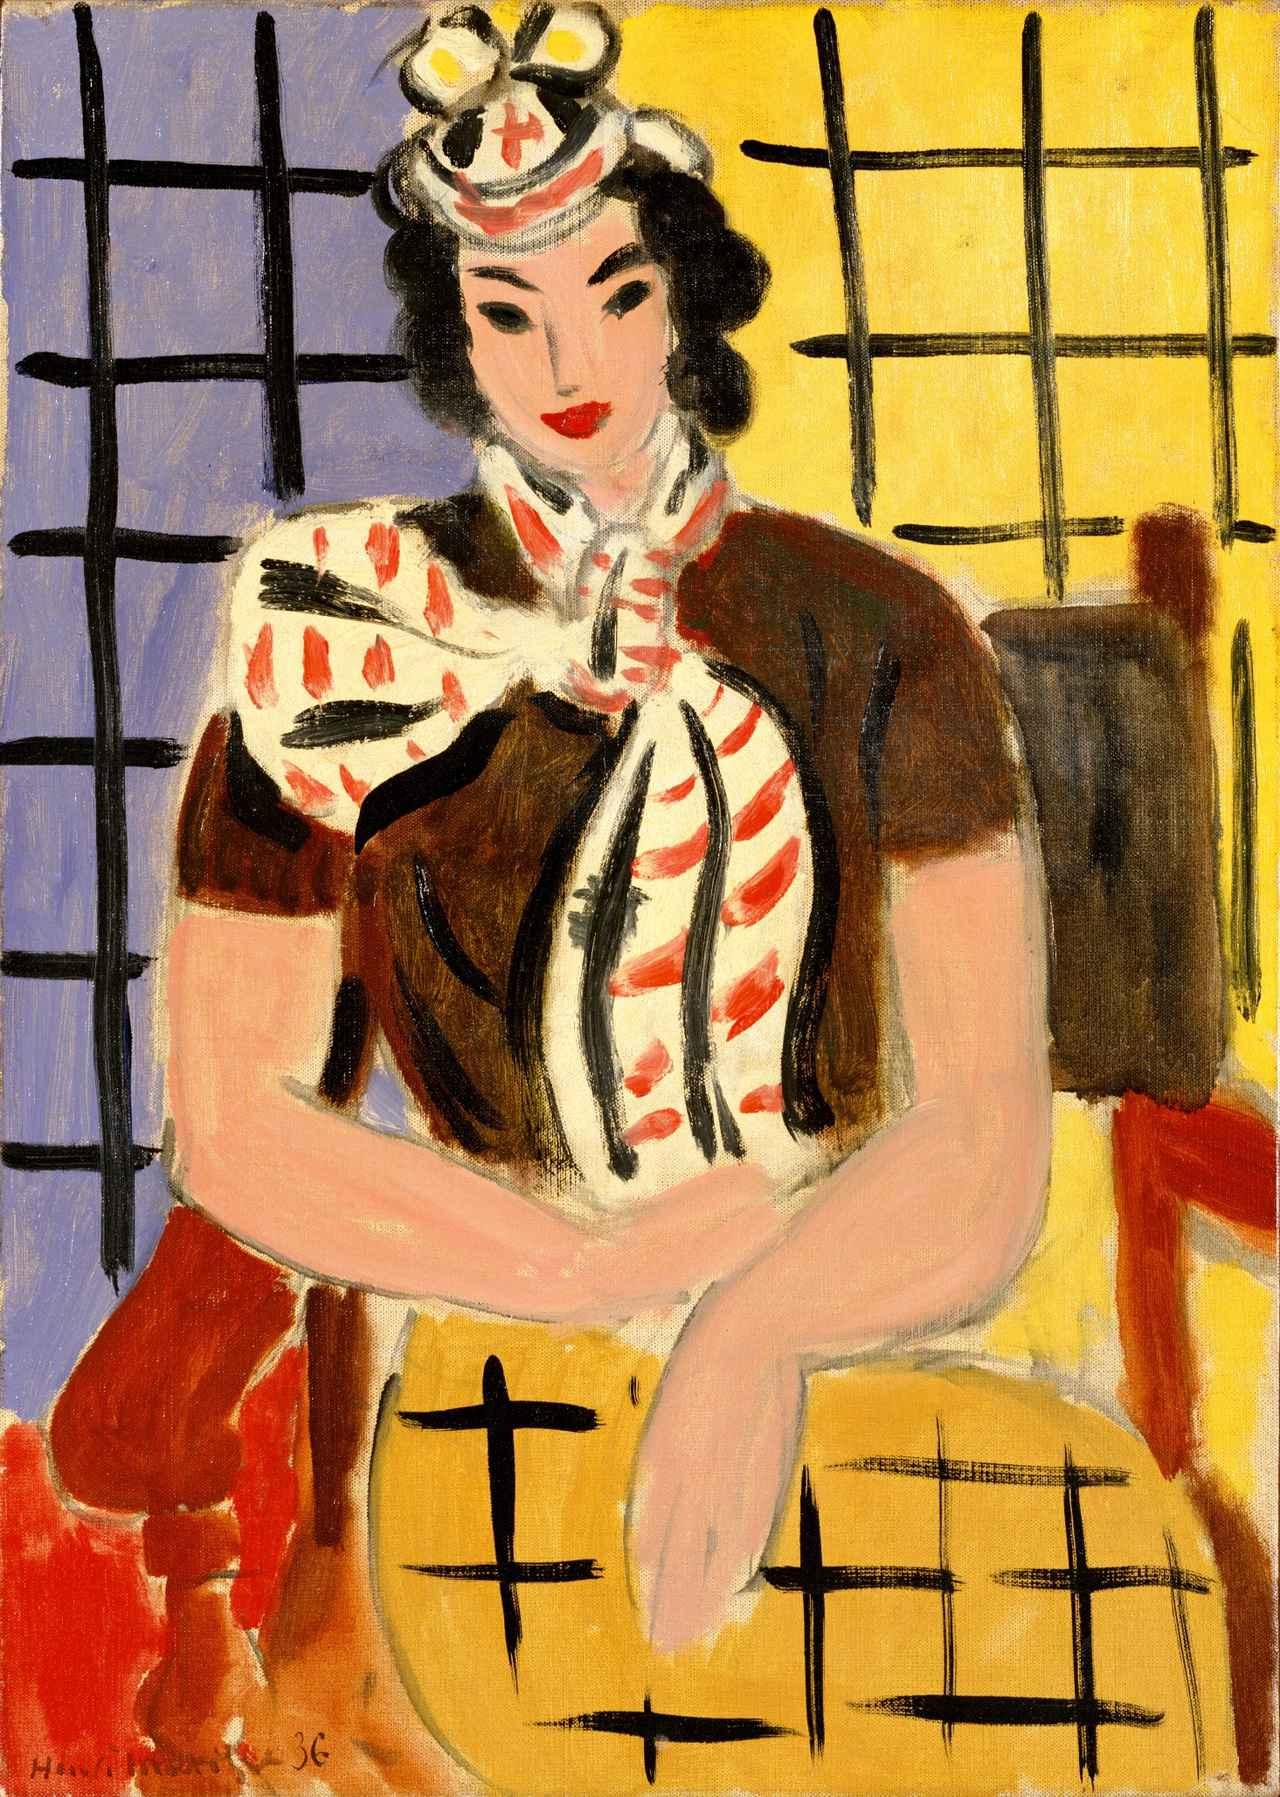 画像: 《襟巻の女》 アンリ・マティス  1936年 油彩/カンヴァス  ポーラ美術館蔵